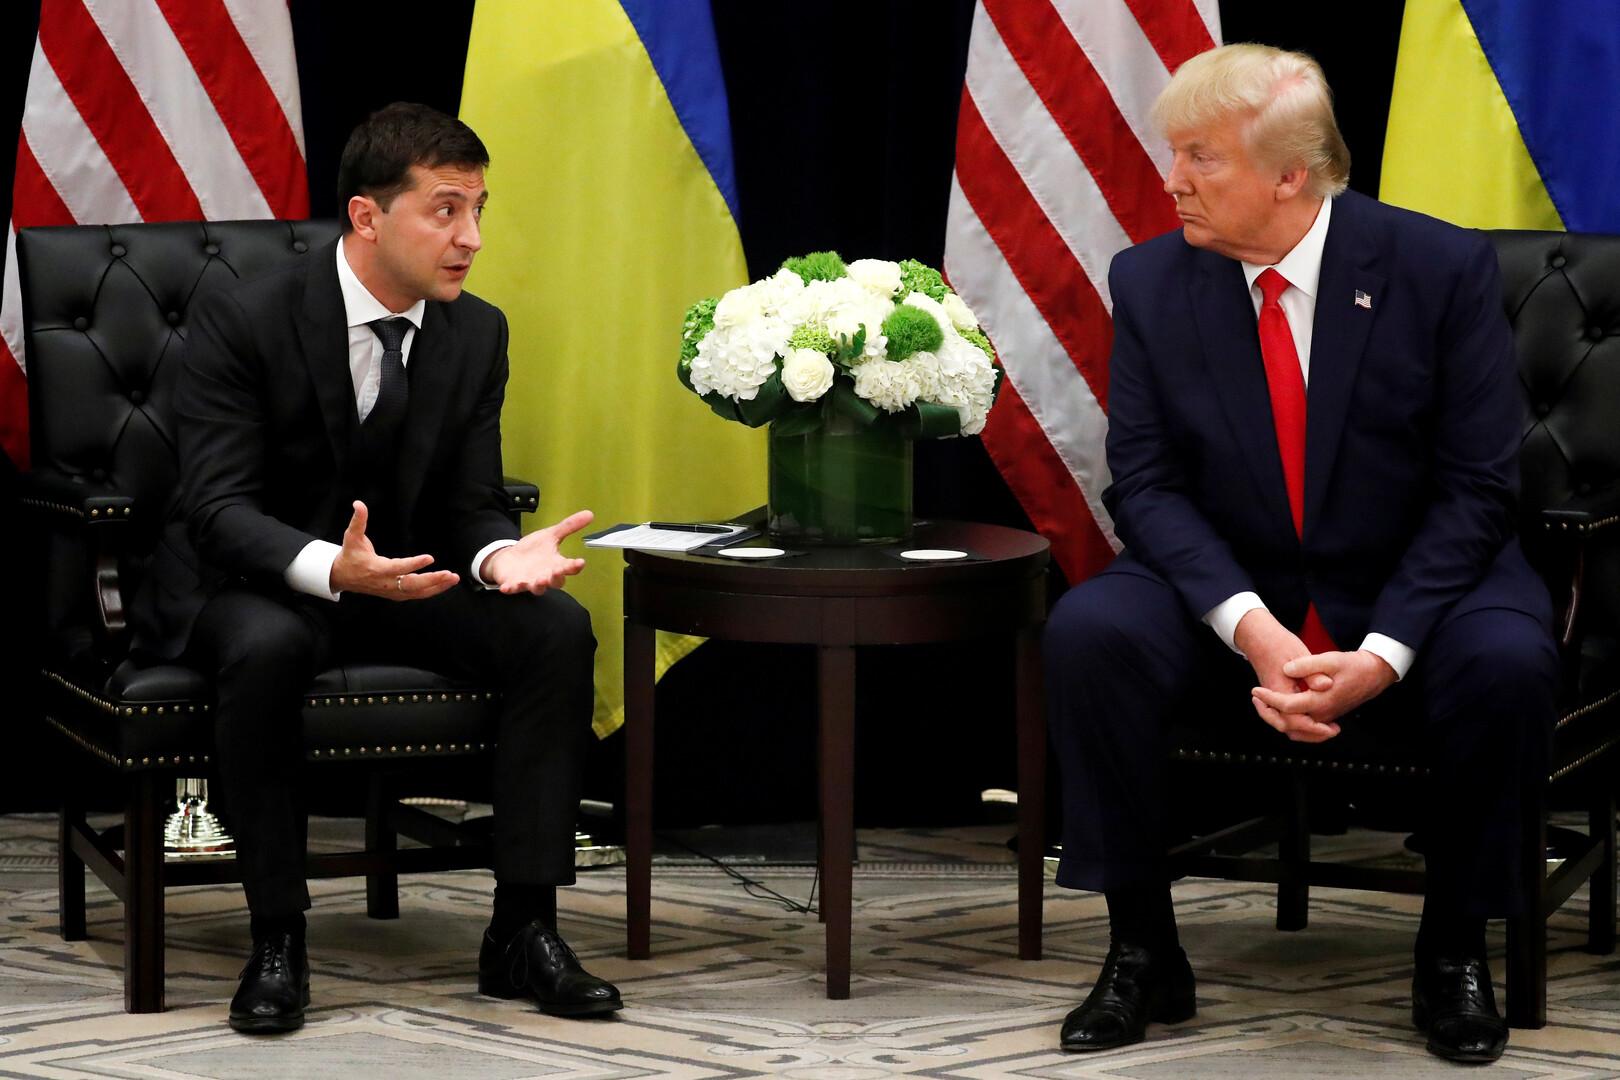 لقاء الرئيسين الأمريكي دونالد ترامب والأوكراني فلاديمير زيلينسكي في نيويورك، 25 سبتمبر 2019